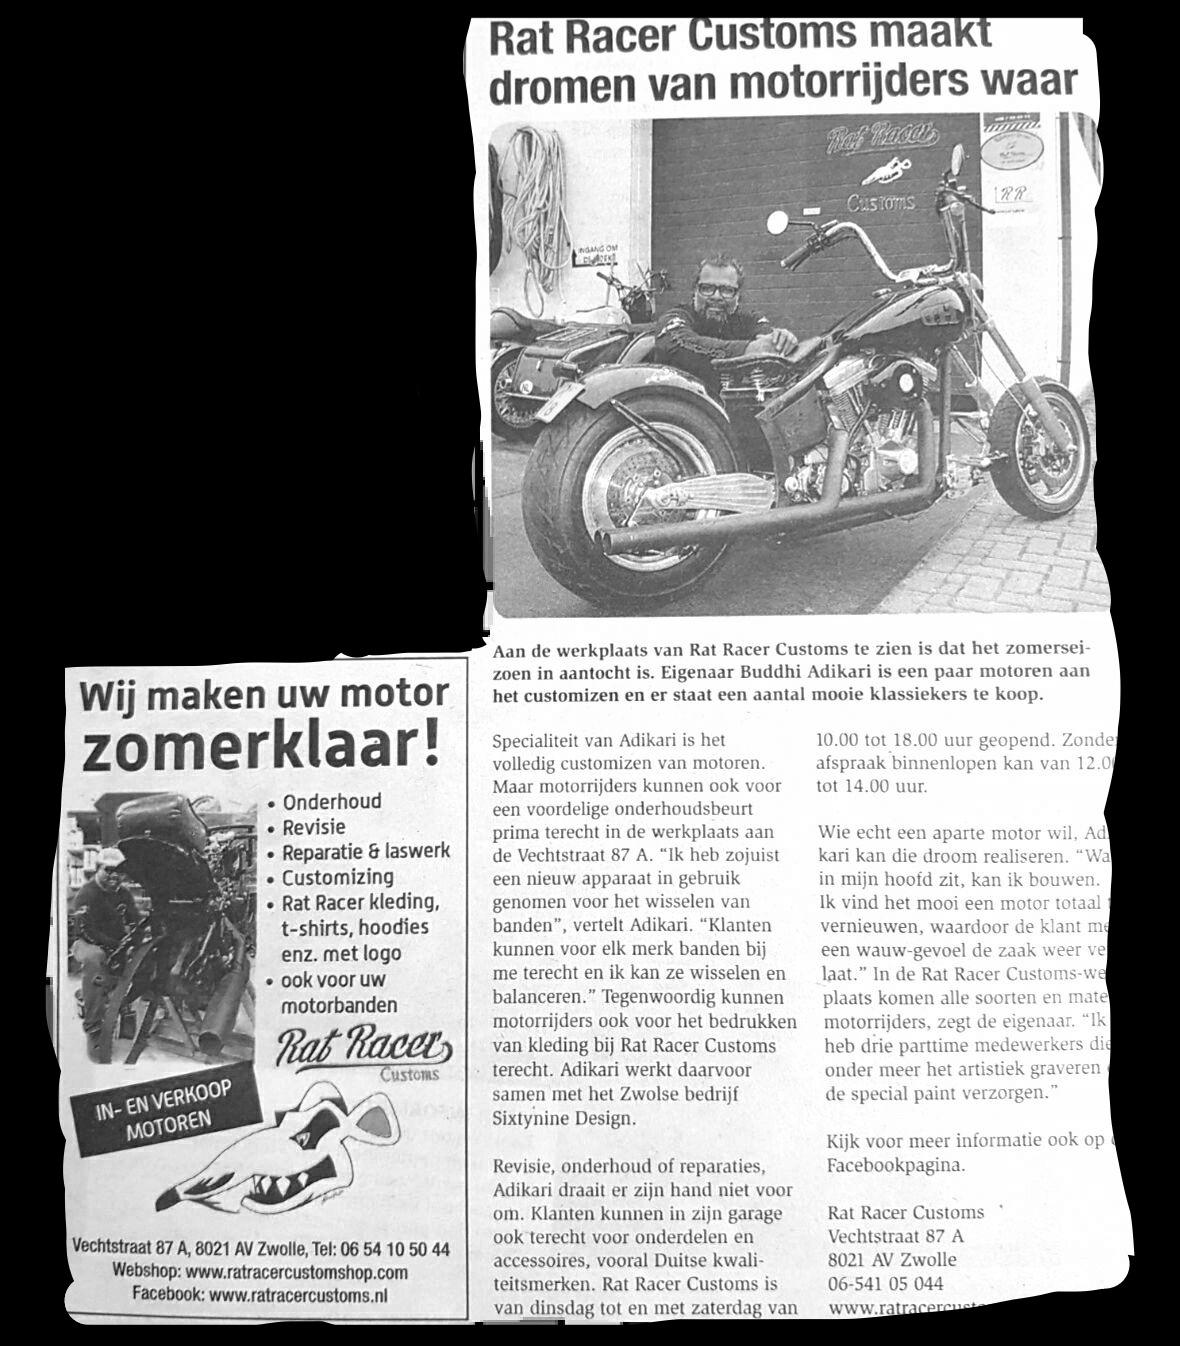 Artikel Rat Racer Customs